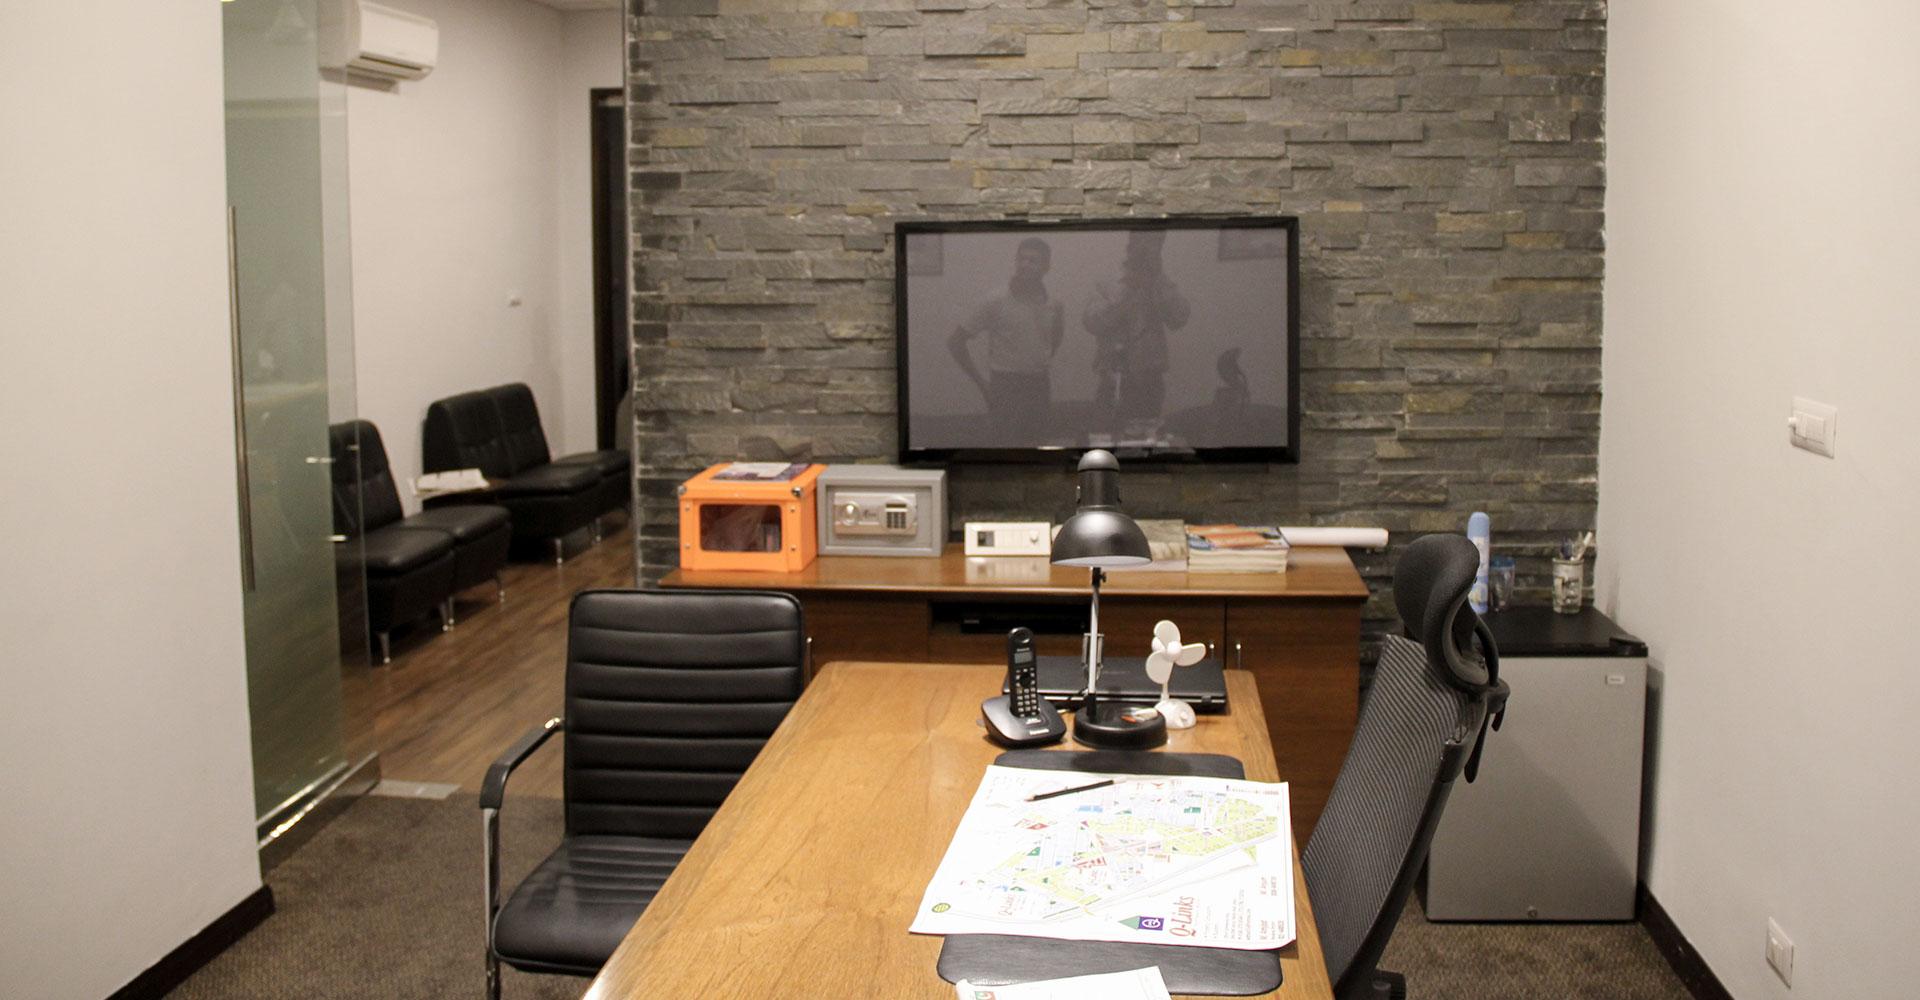 residential-restaurant-office-interior-design-hiline-lahore-portfolio-(q-links-marketing-office)(1000×1000)-04